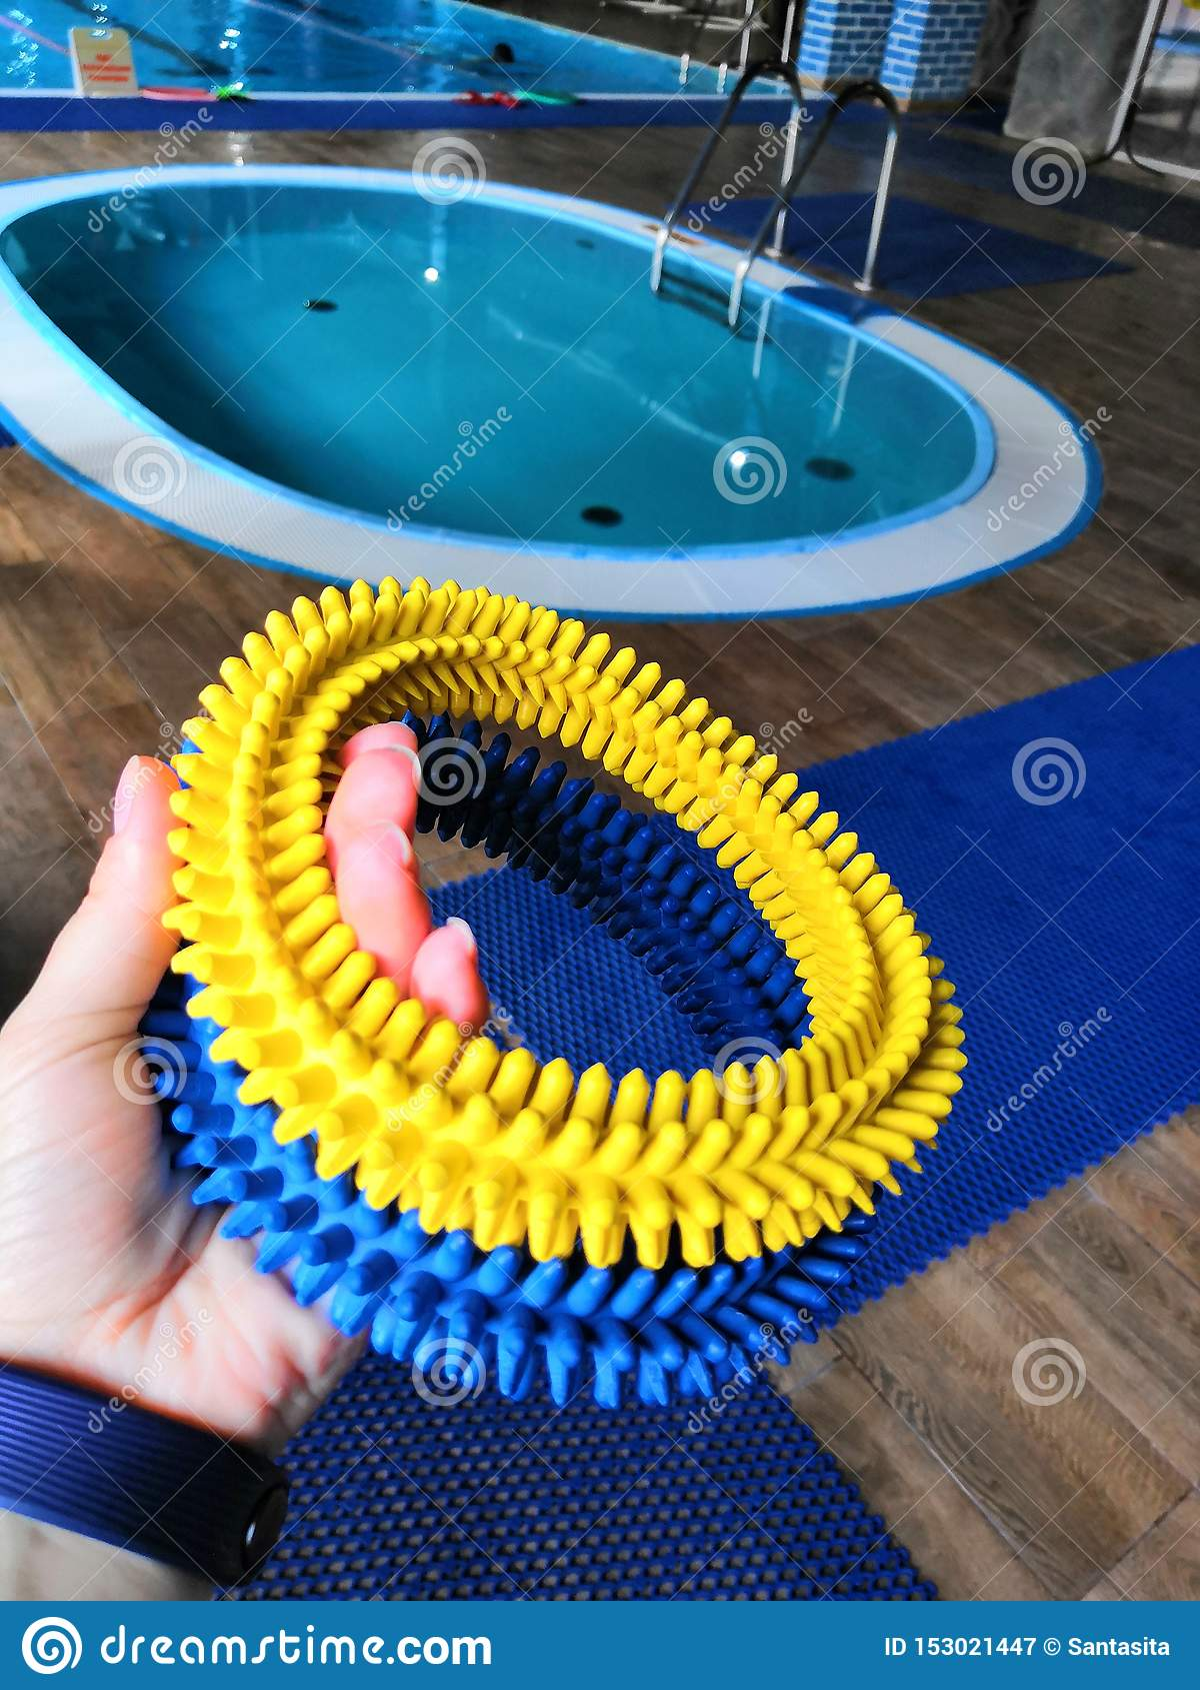 教的孩子的橡胶处理的不光滑的圆环游泳